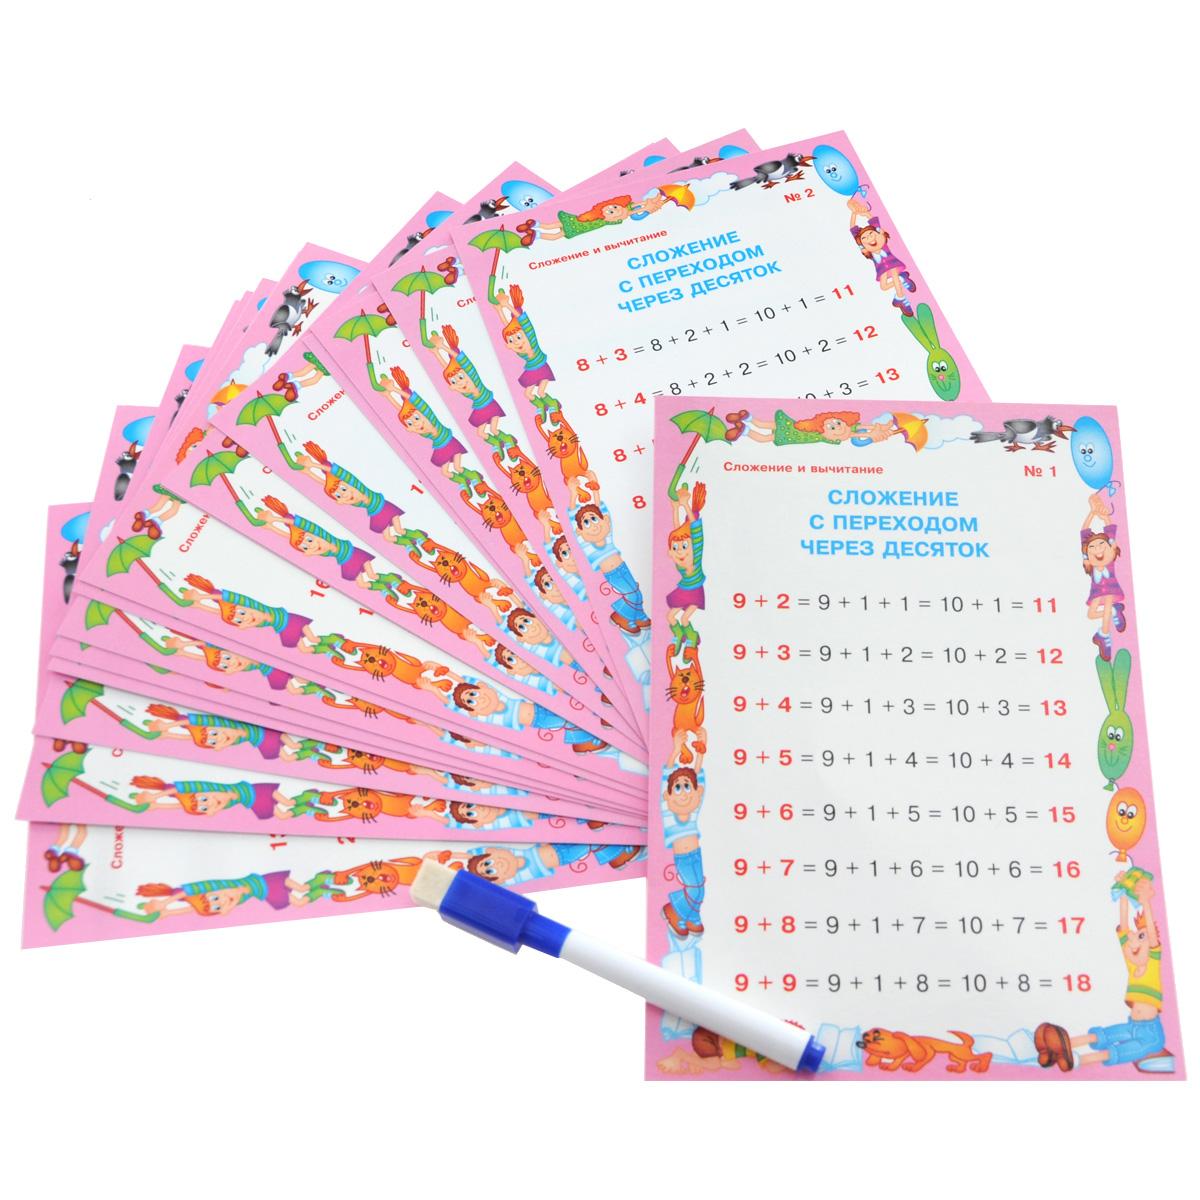 Математика. 1-3 классы. Сложение и вычитание в пределах 100 (набор из 16 карточек)